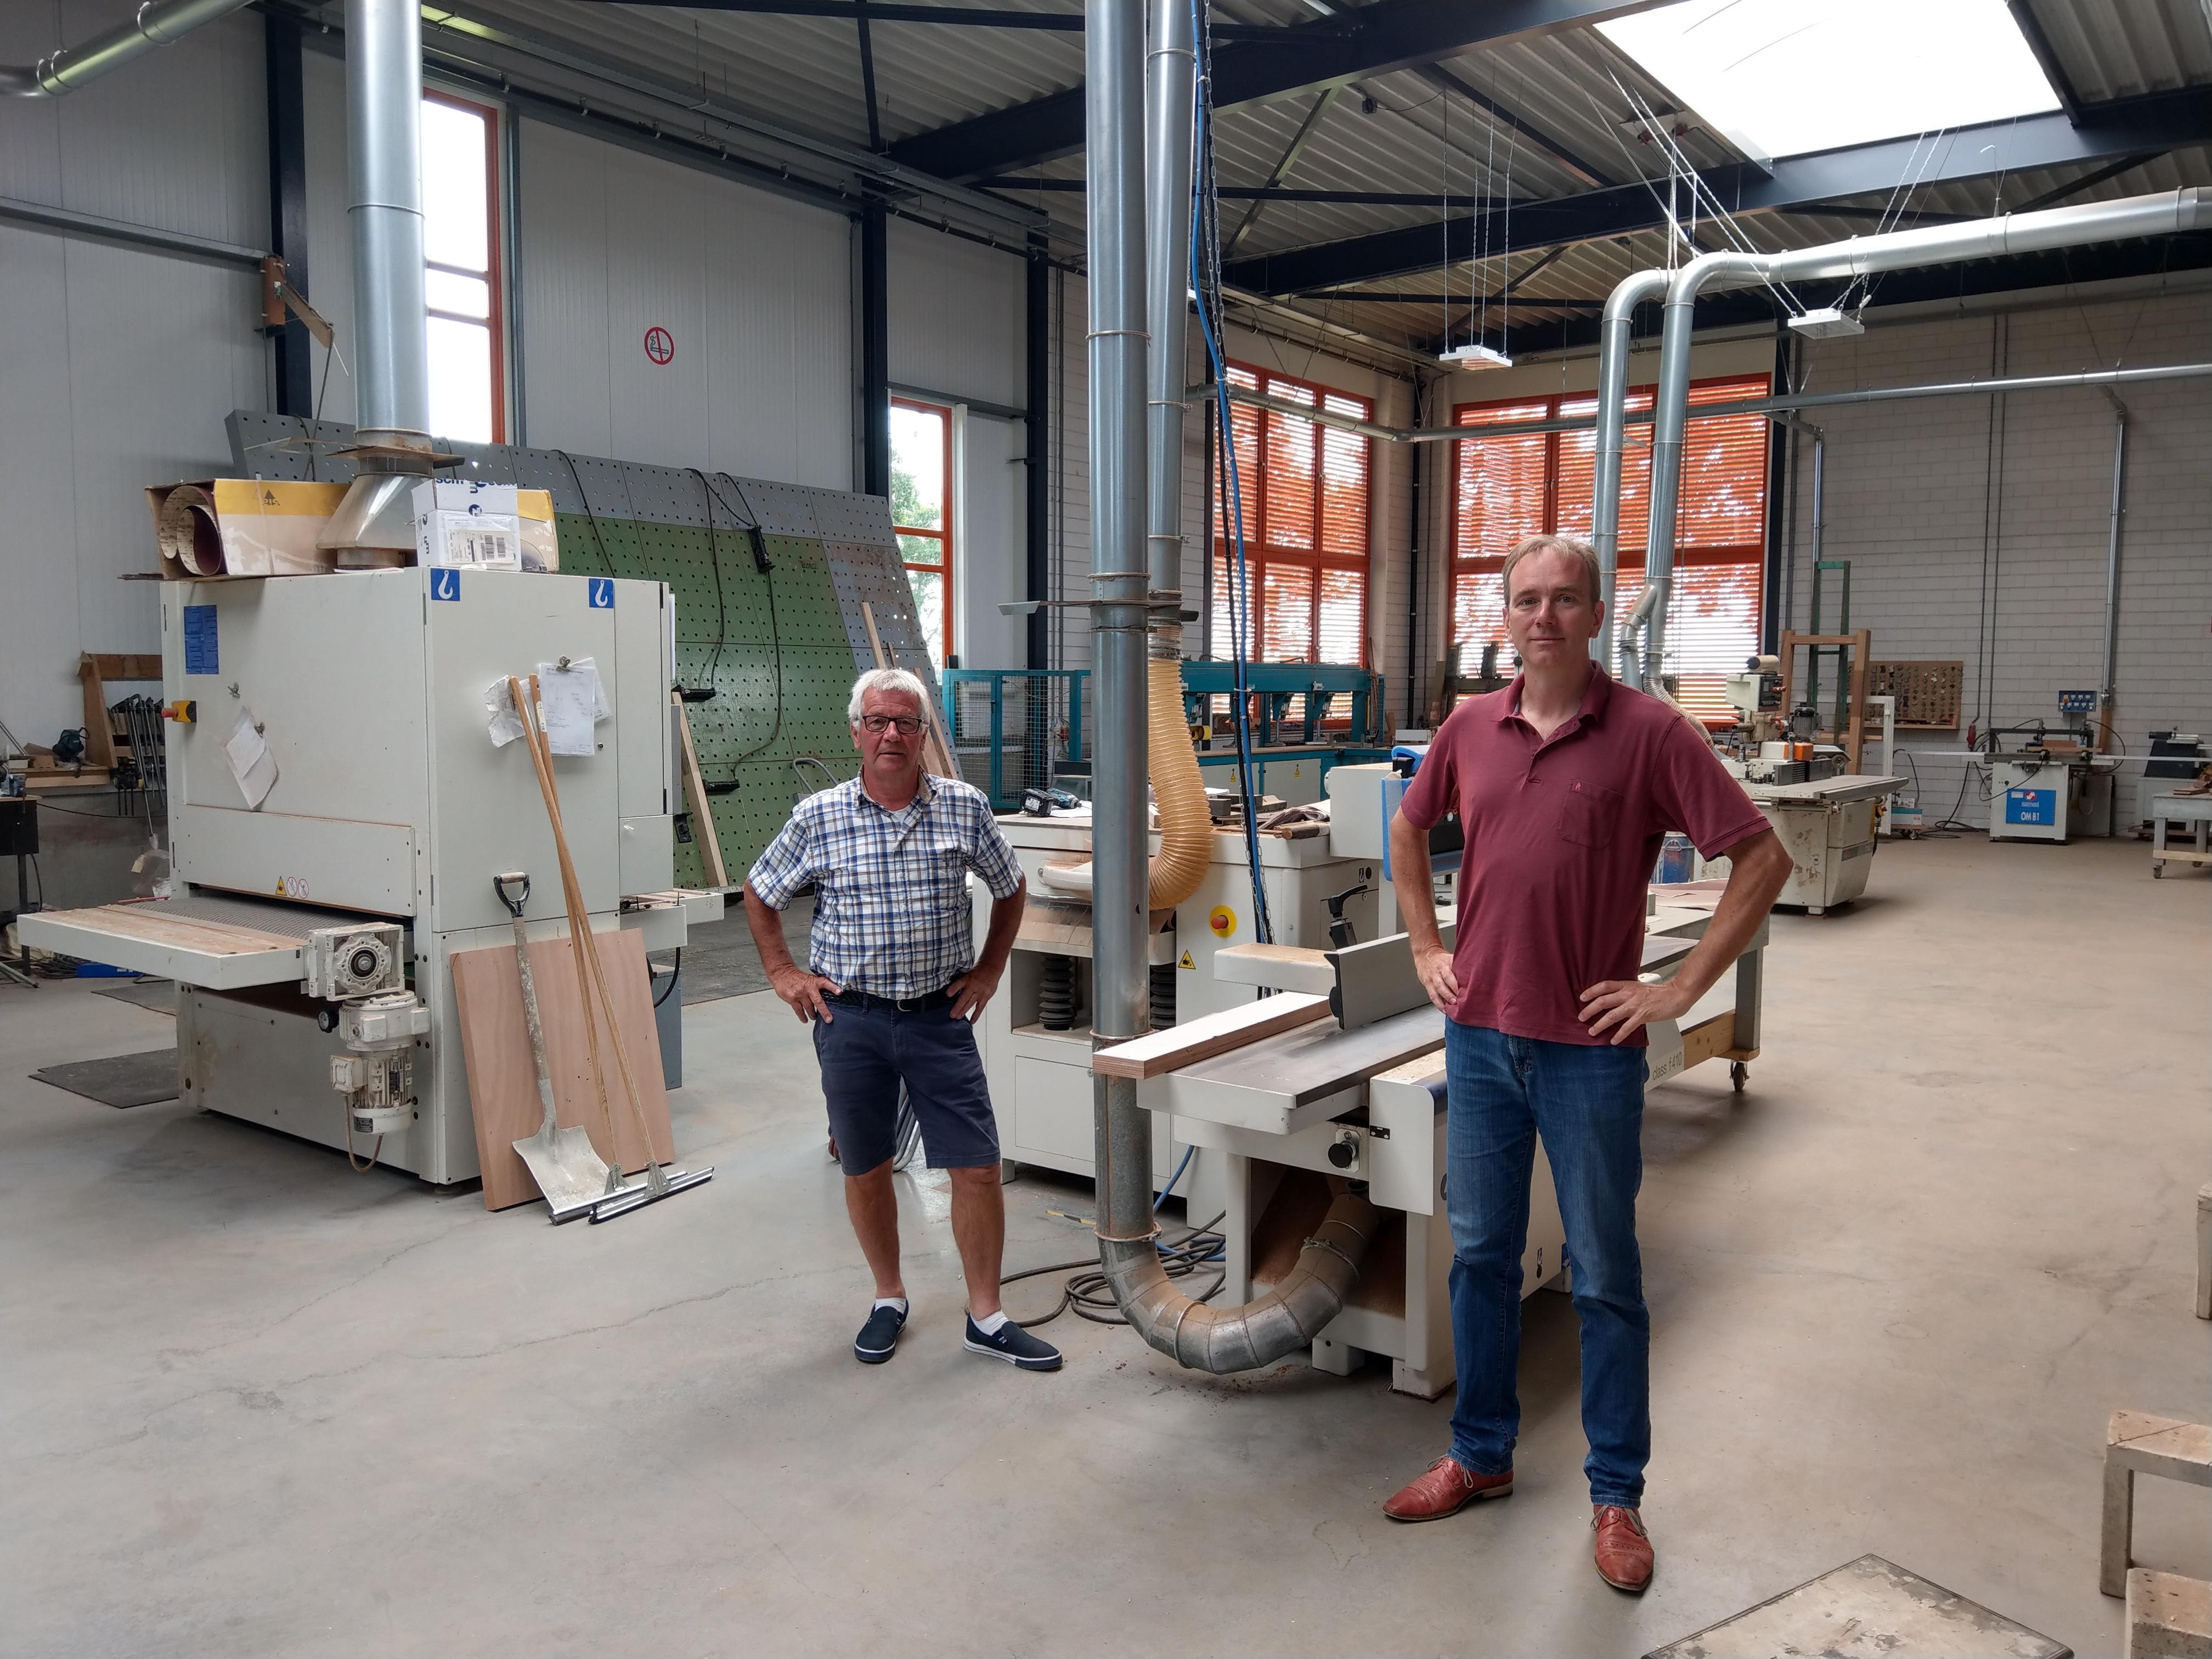 Zangstudio Haarlem brengt tangomis in een timmerfabriek. 'Toepasselijk, want de tango is op de werkvloer ontstaan' [video]